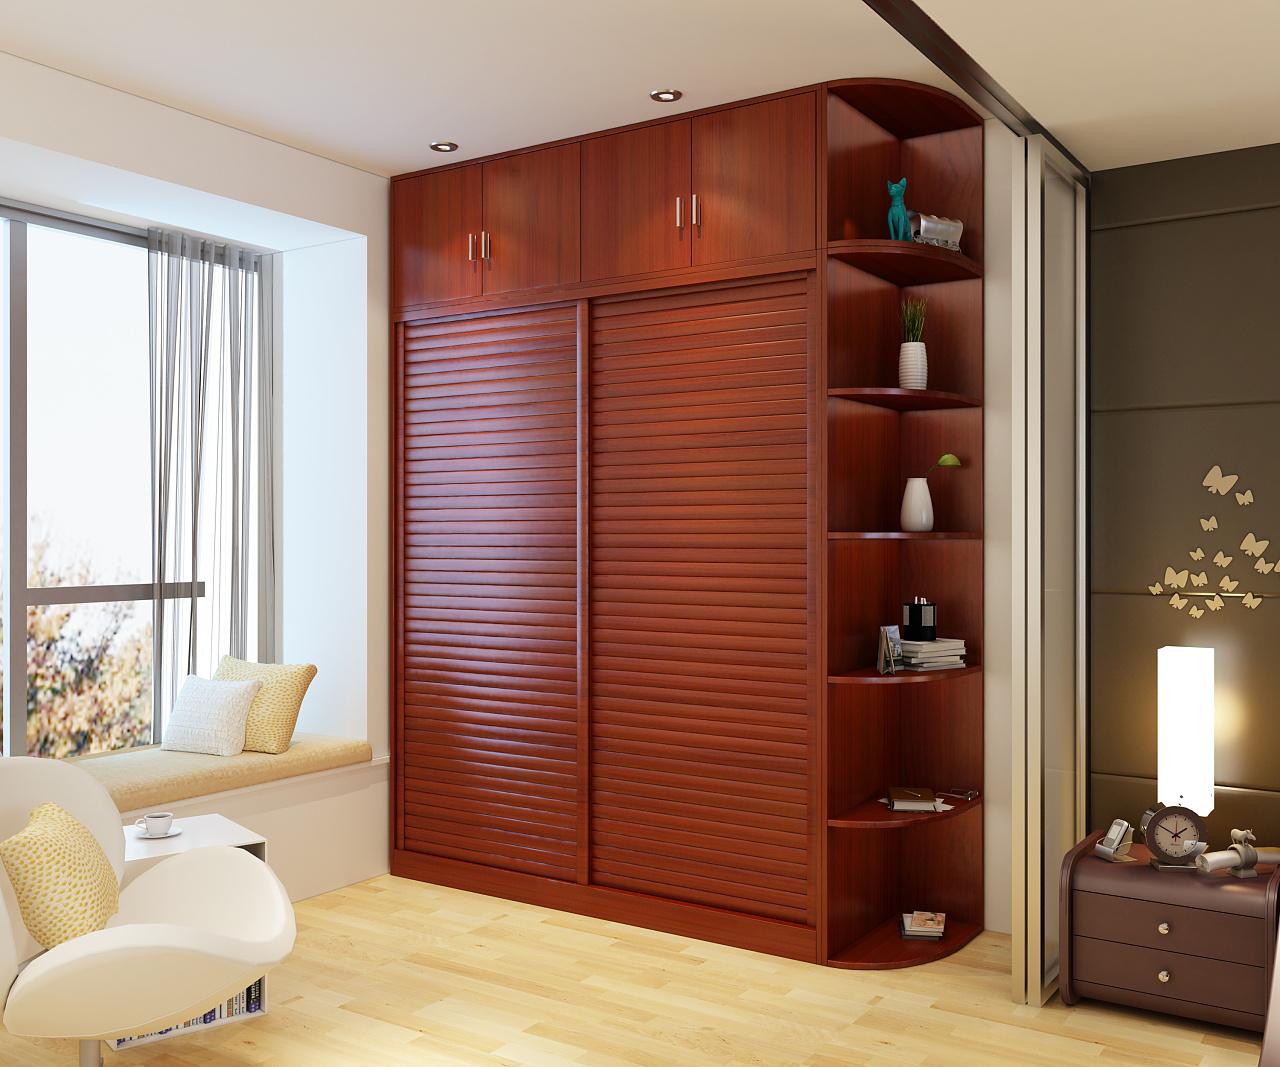 现代简约板式衣柜效果图图片